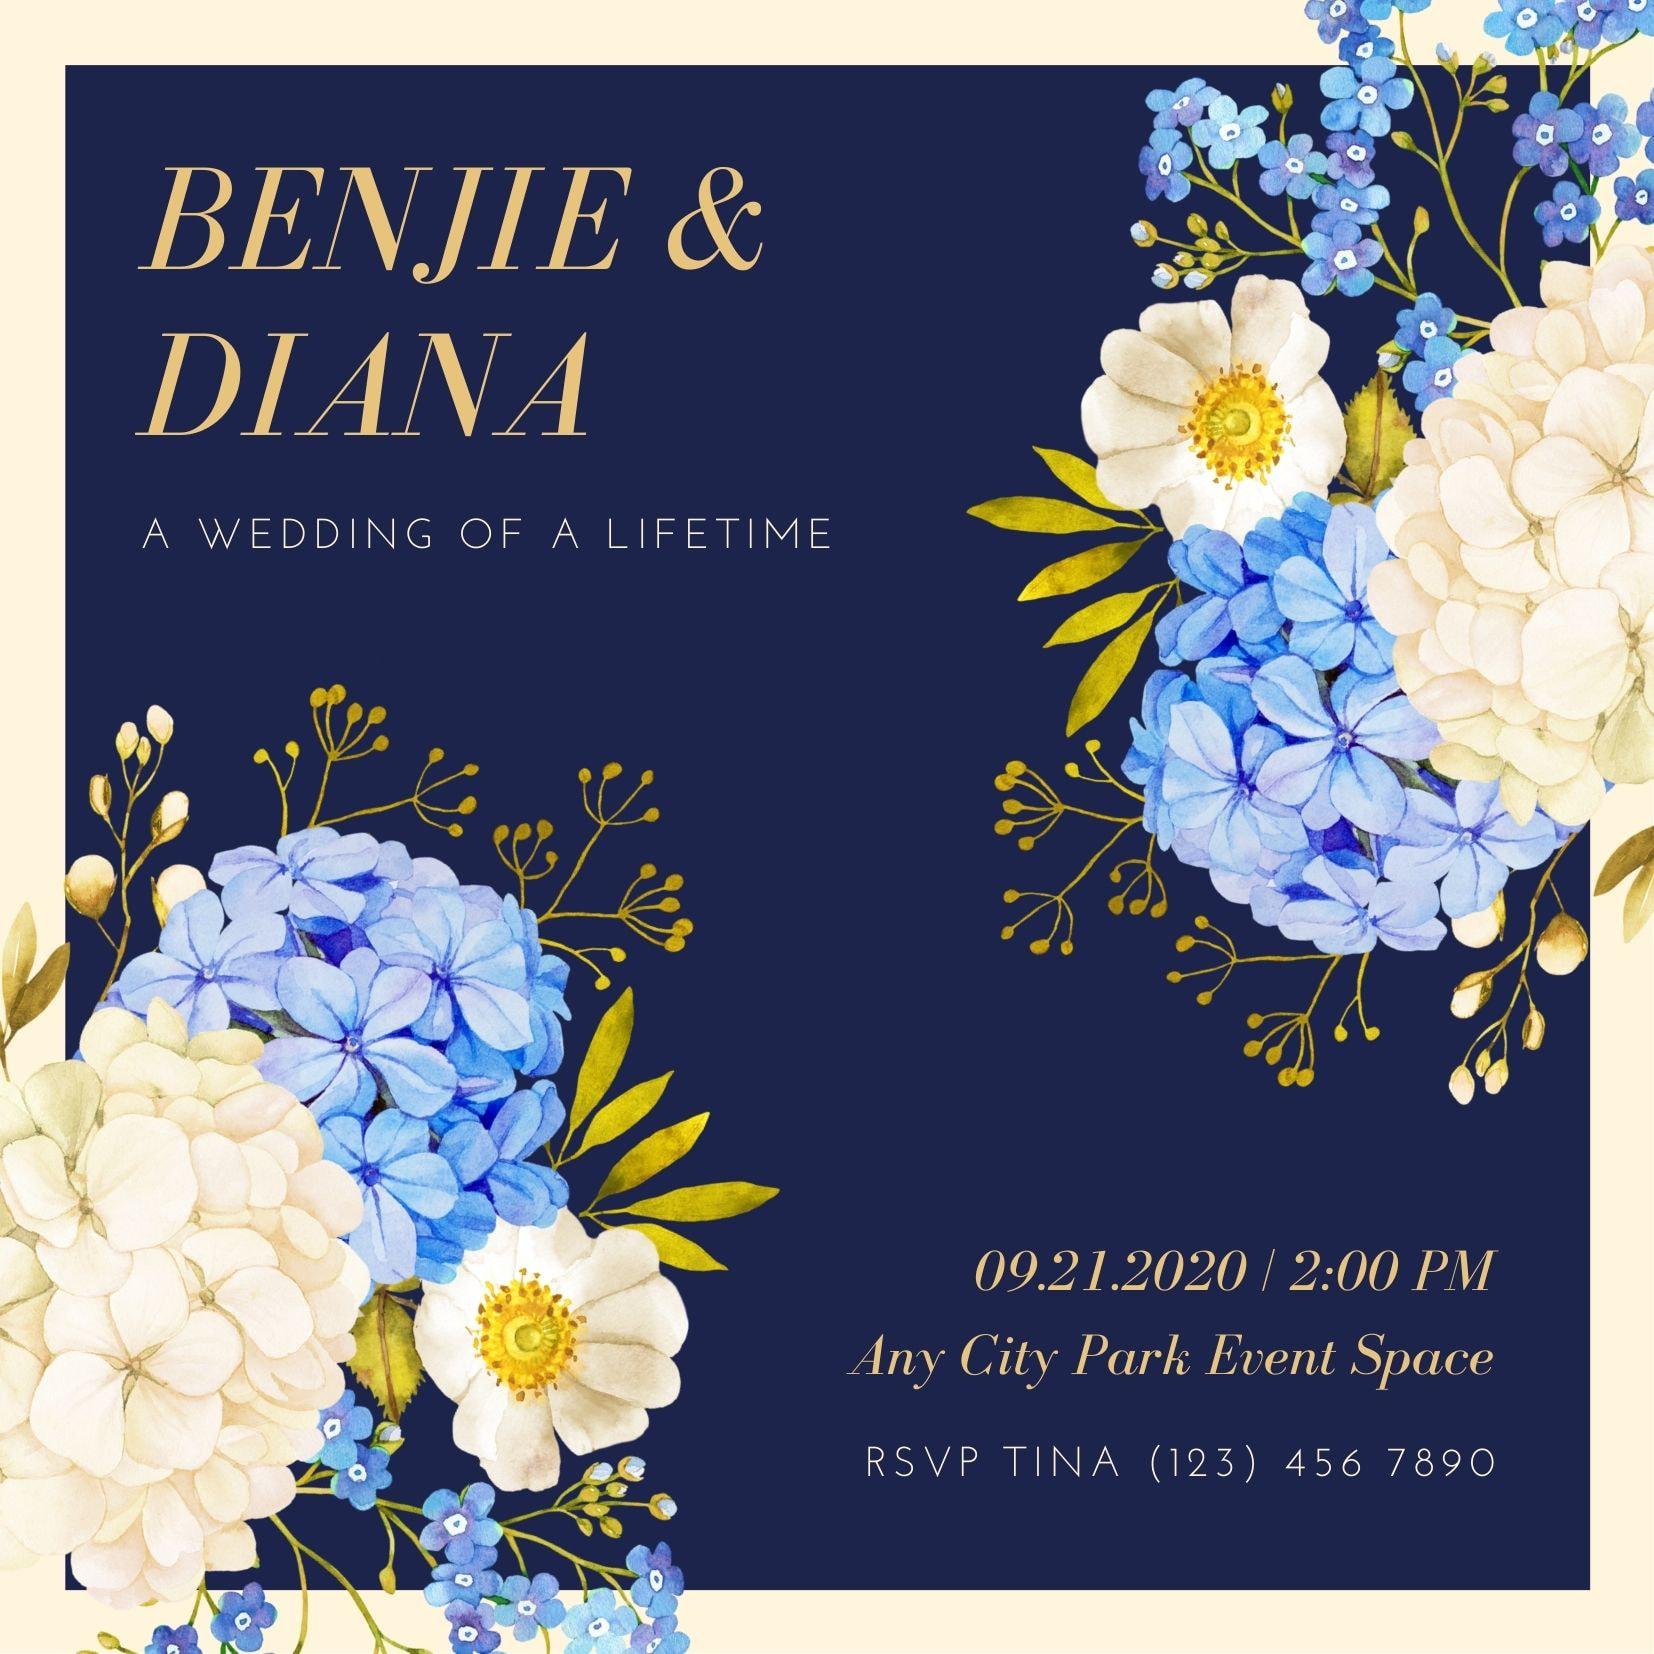 エレガントな結婚式招待状